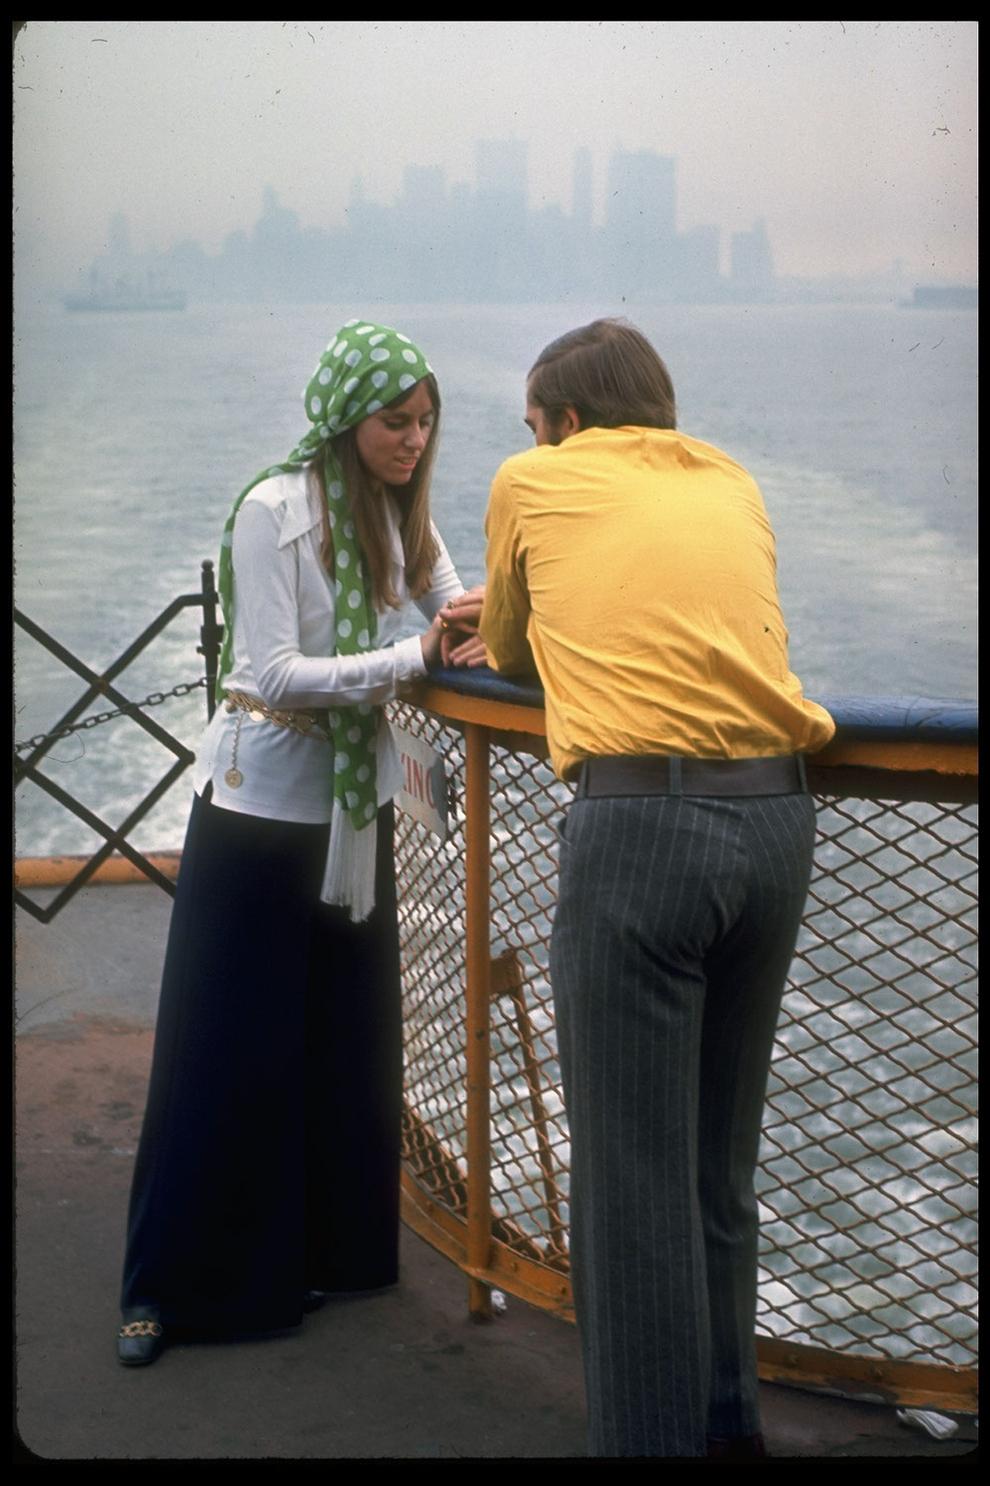 life mag summer 1969 - 1.jpg